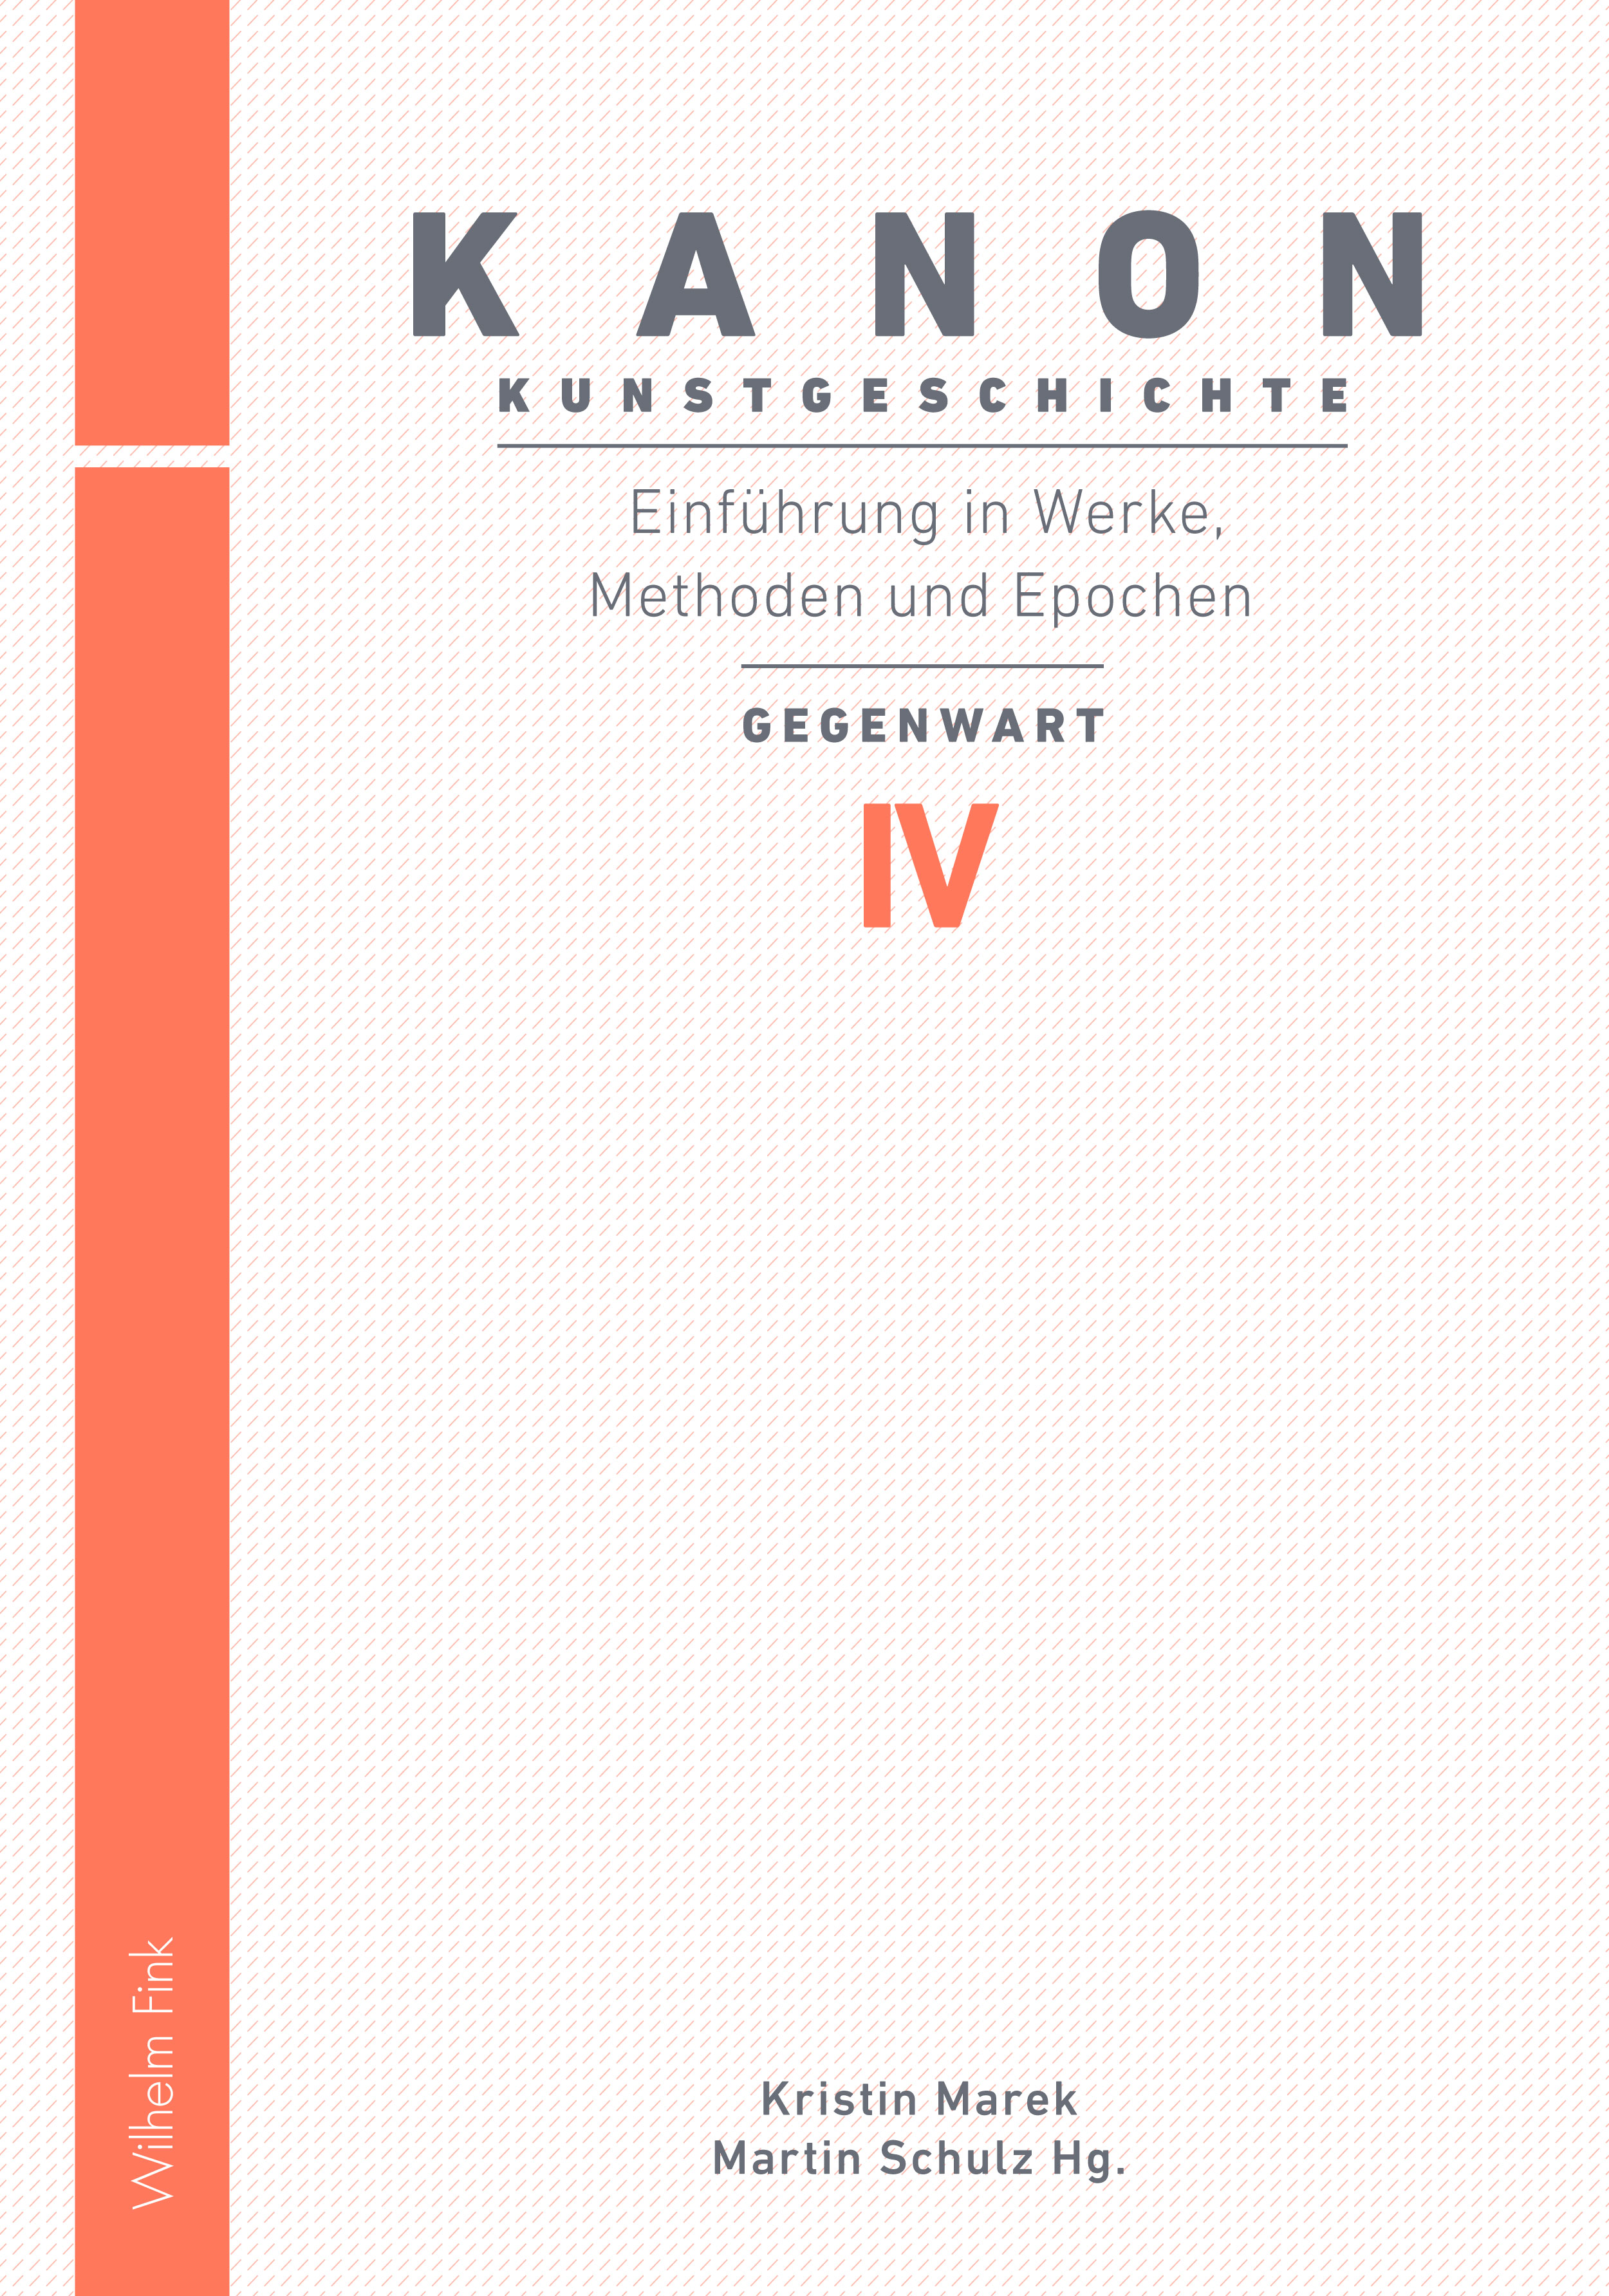 Kanon Kunstgeschichte 4. Einführung in Werke, Methoden und Epochen Kristin  ...